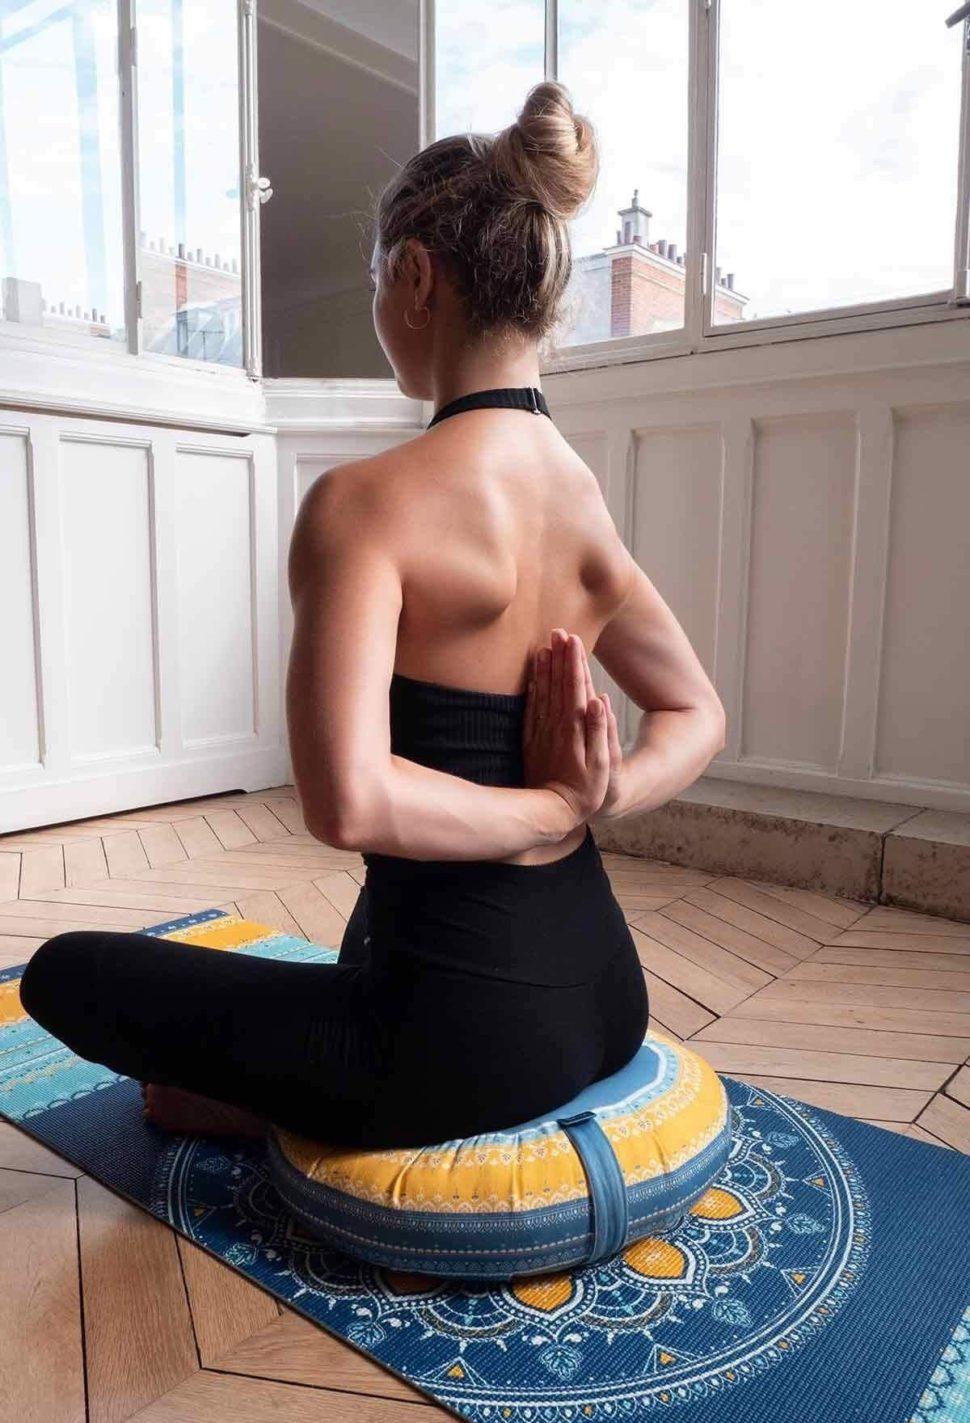 Krásná designová jóga podložka Bombay s vysokou kvalitou pro domácí jógu i jógu ve studiu.